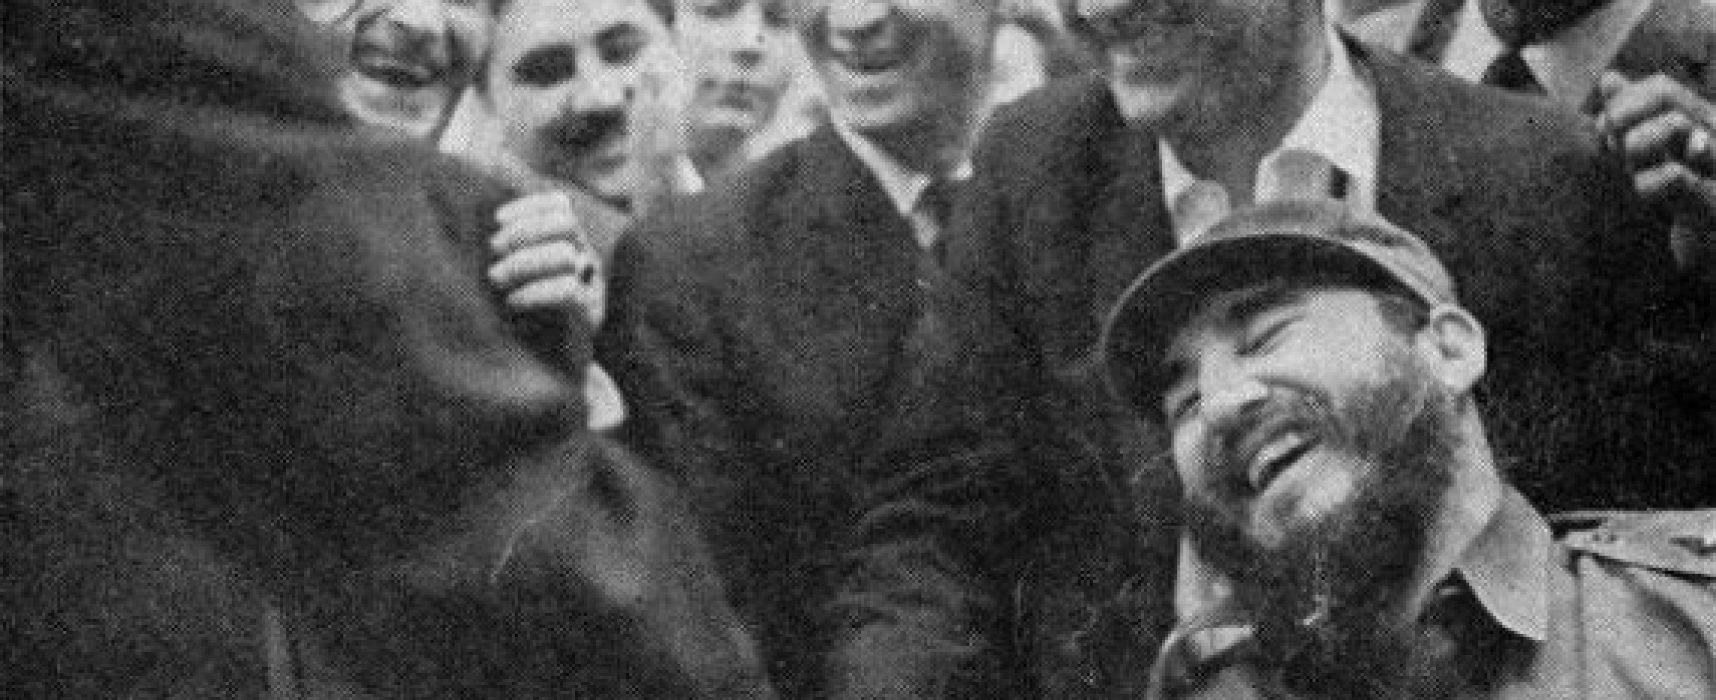 Cap.26: Cómo Fidel Castro derrotó a Bobby Fischer + el rol de los padres en el ajedrez (con Carlos Martínez Piqueras)